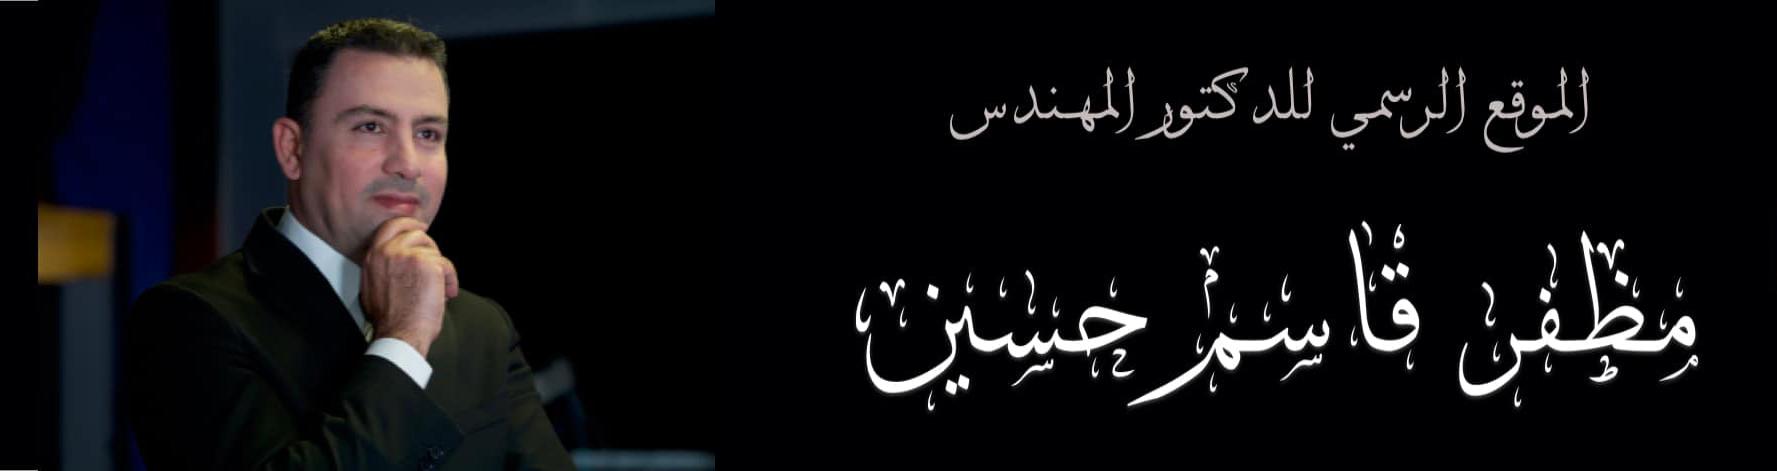 الدكتور المهندس مظفر قاسم حسين